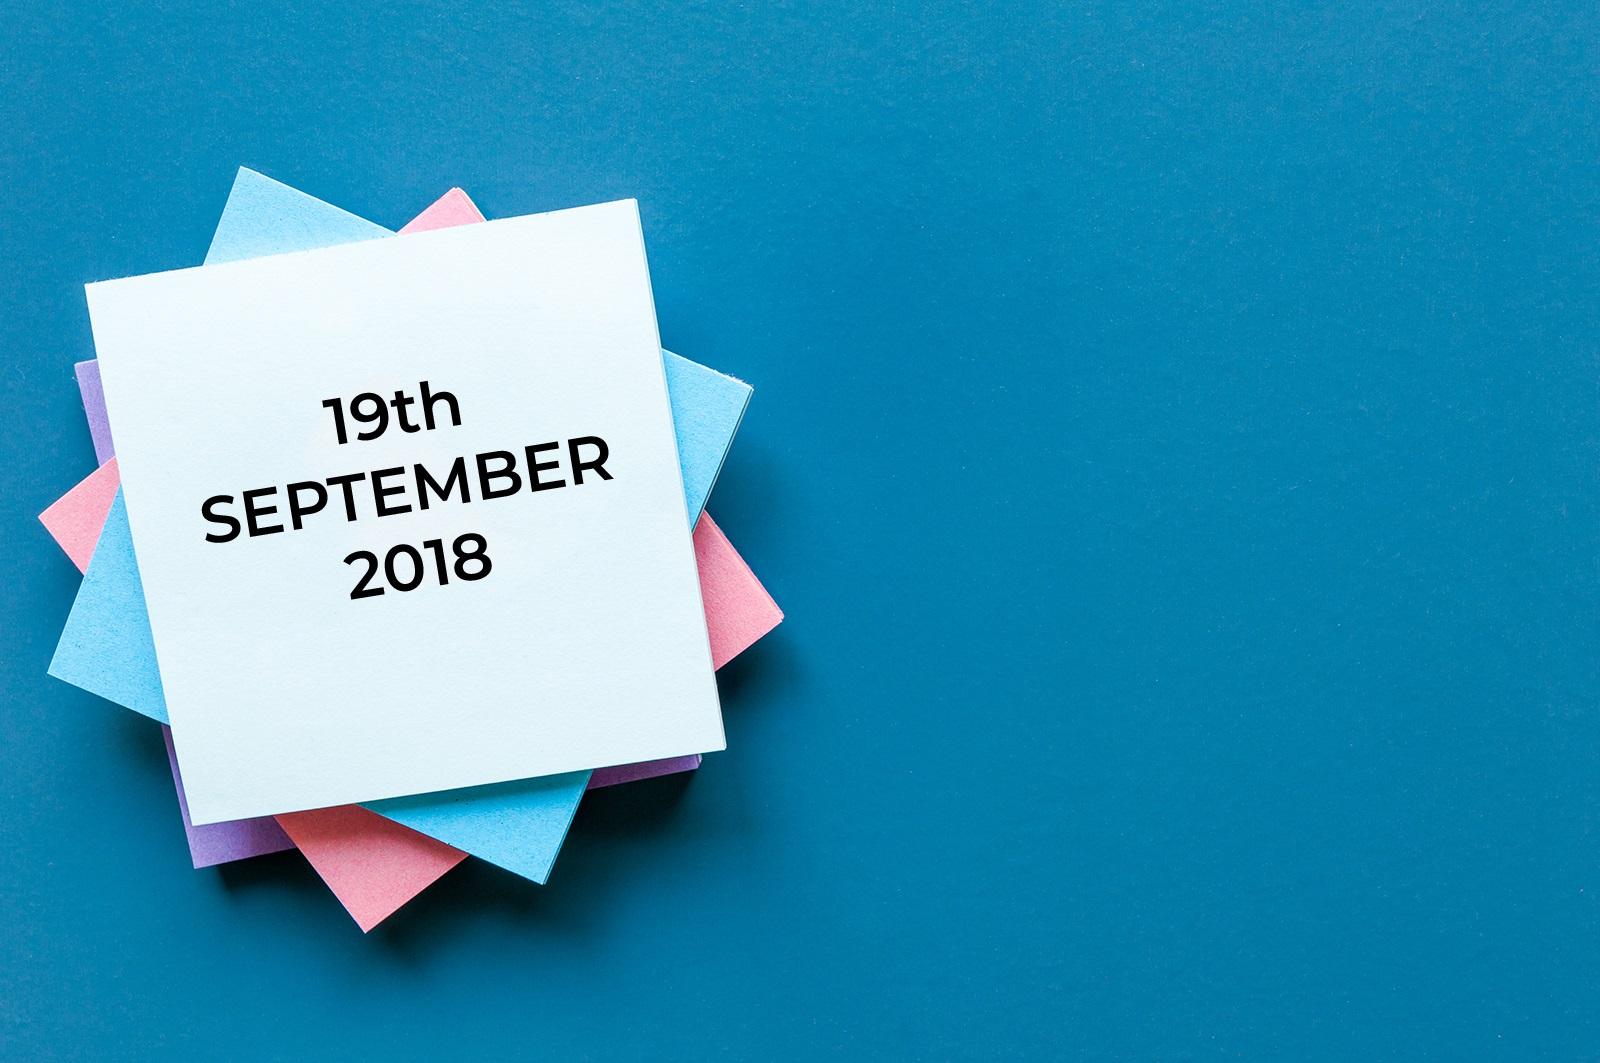 19th September 2018?